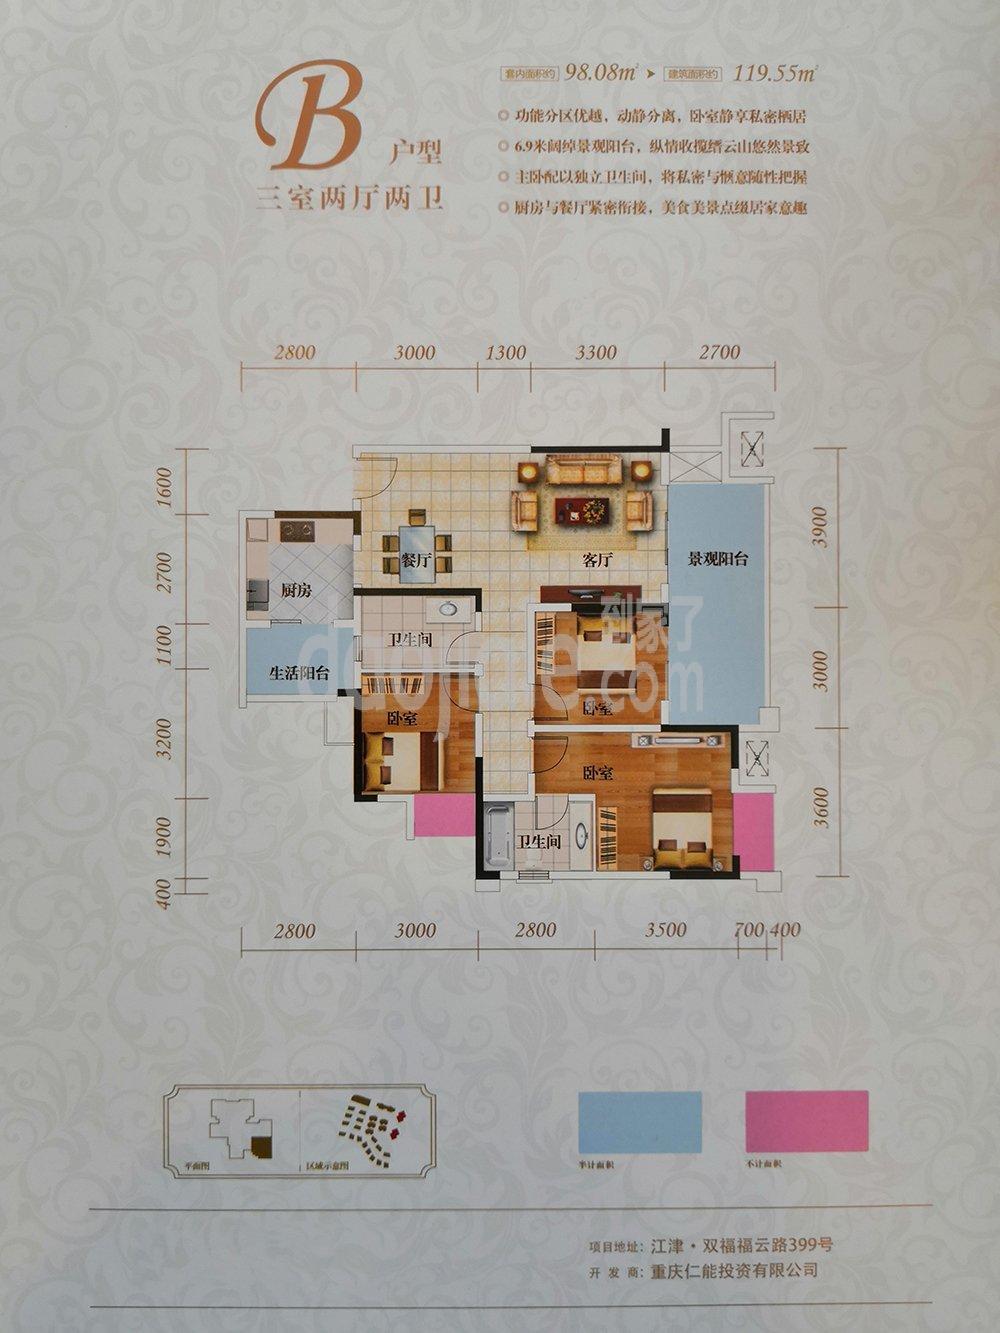 江津区双福片区仁能云的左岸新房B户型户型图